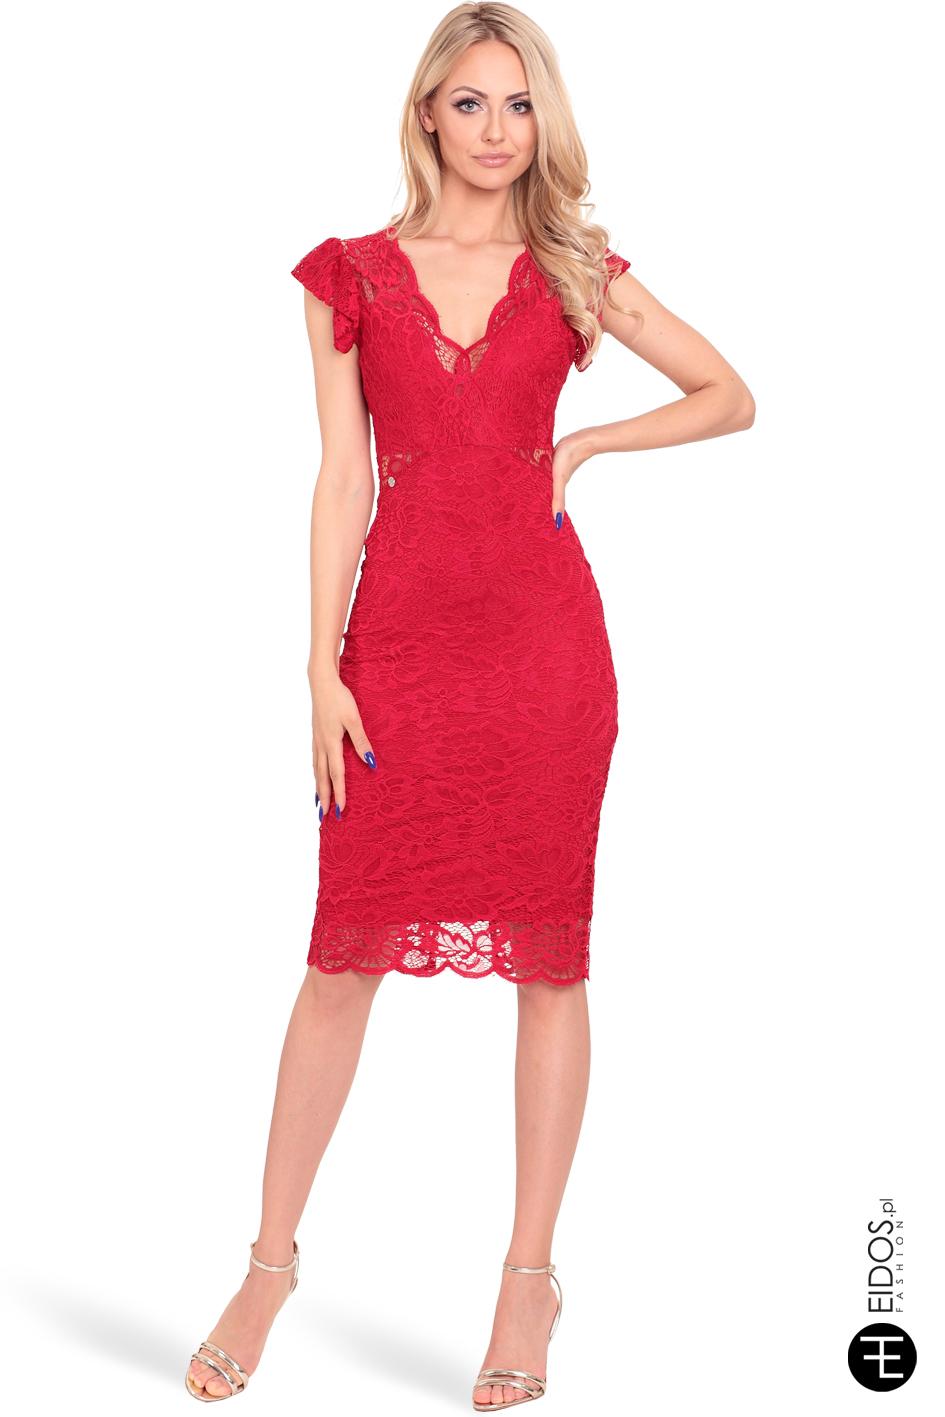 7e44a86b77dc83 Sukienka koronkowa ALIA czerwona - EIDOS.pl